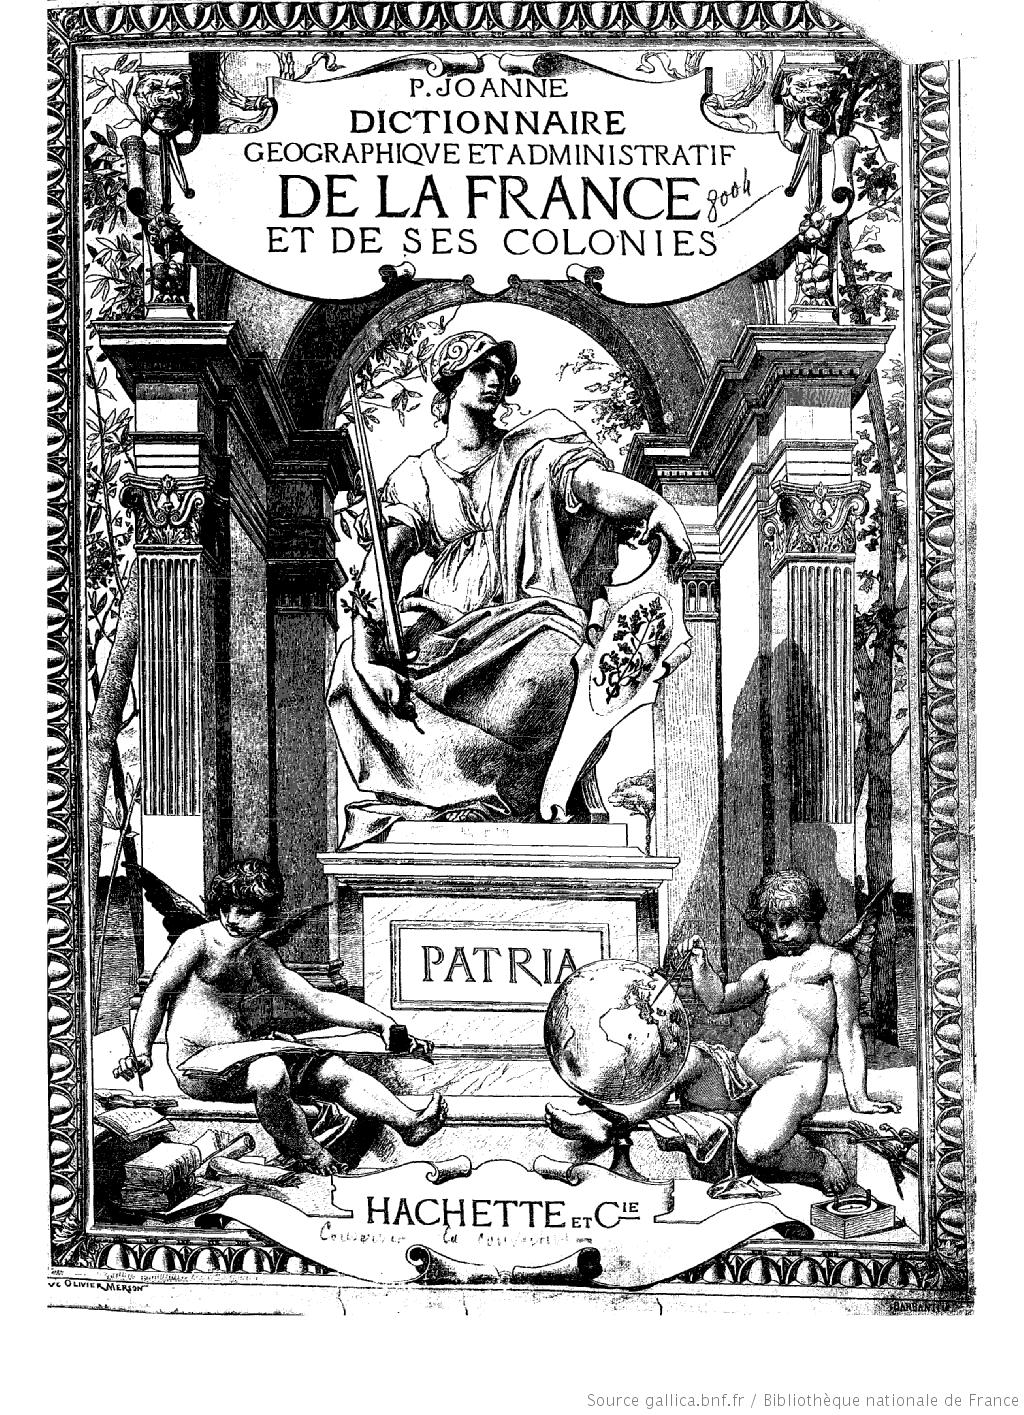 Page de titre du dictionnaire géographique et administratif de la France et de ses colonies